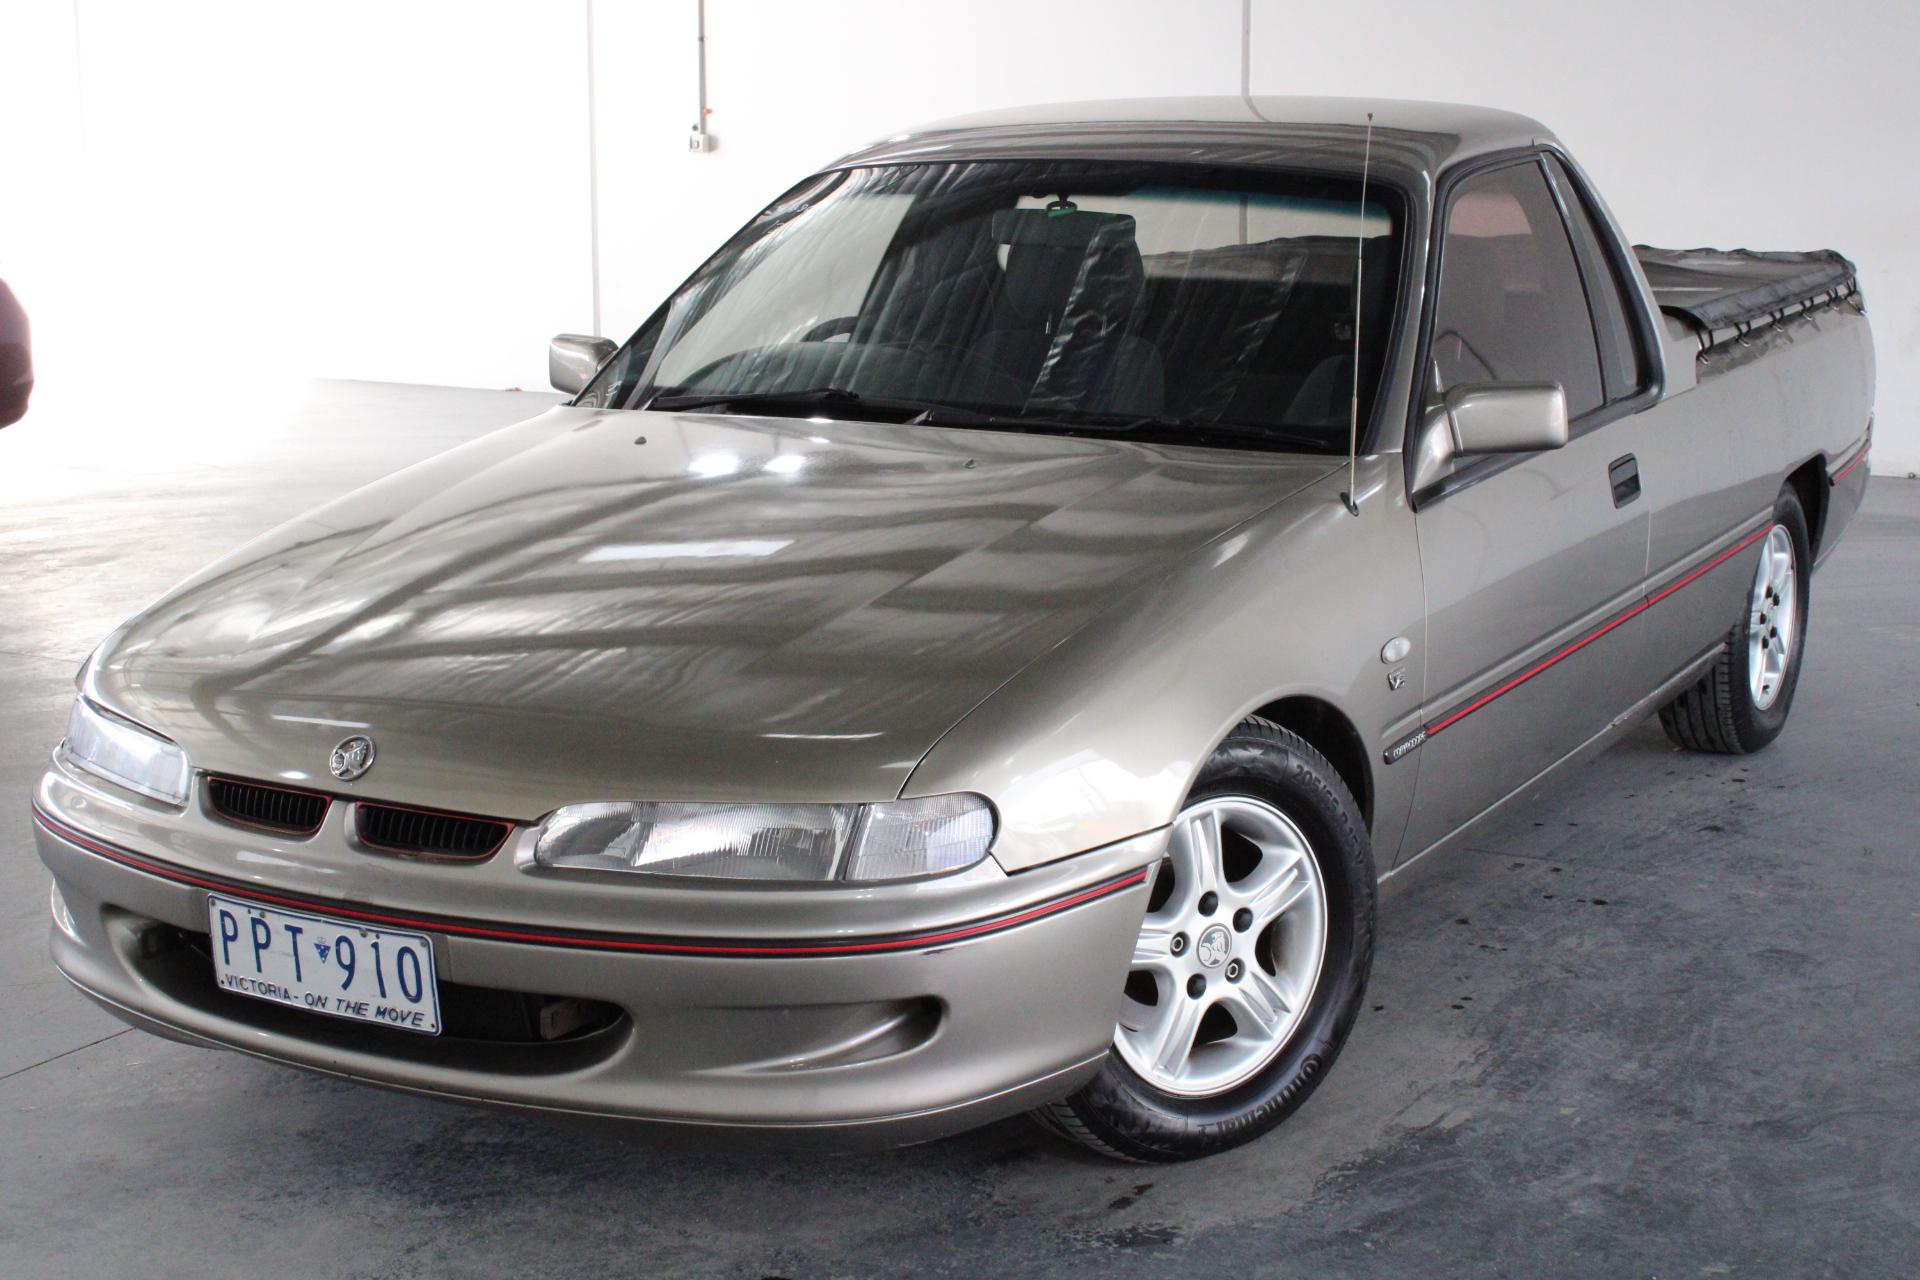 1999 Holden Commodore VSIII Automatic Ute